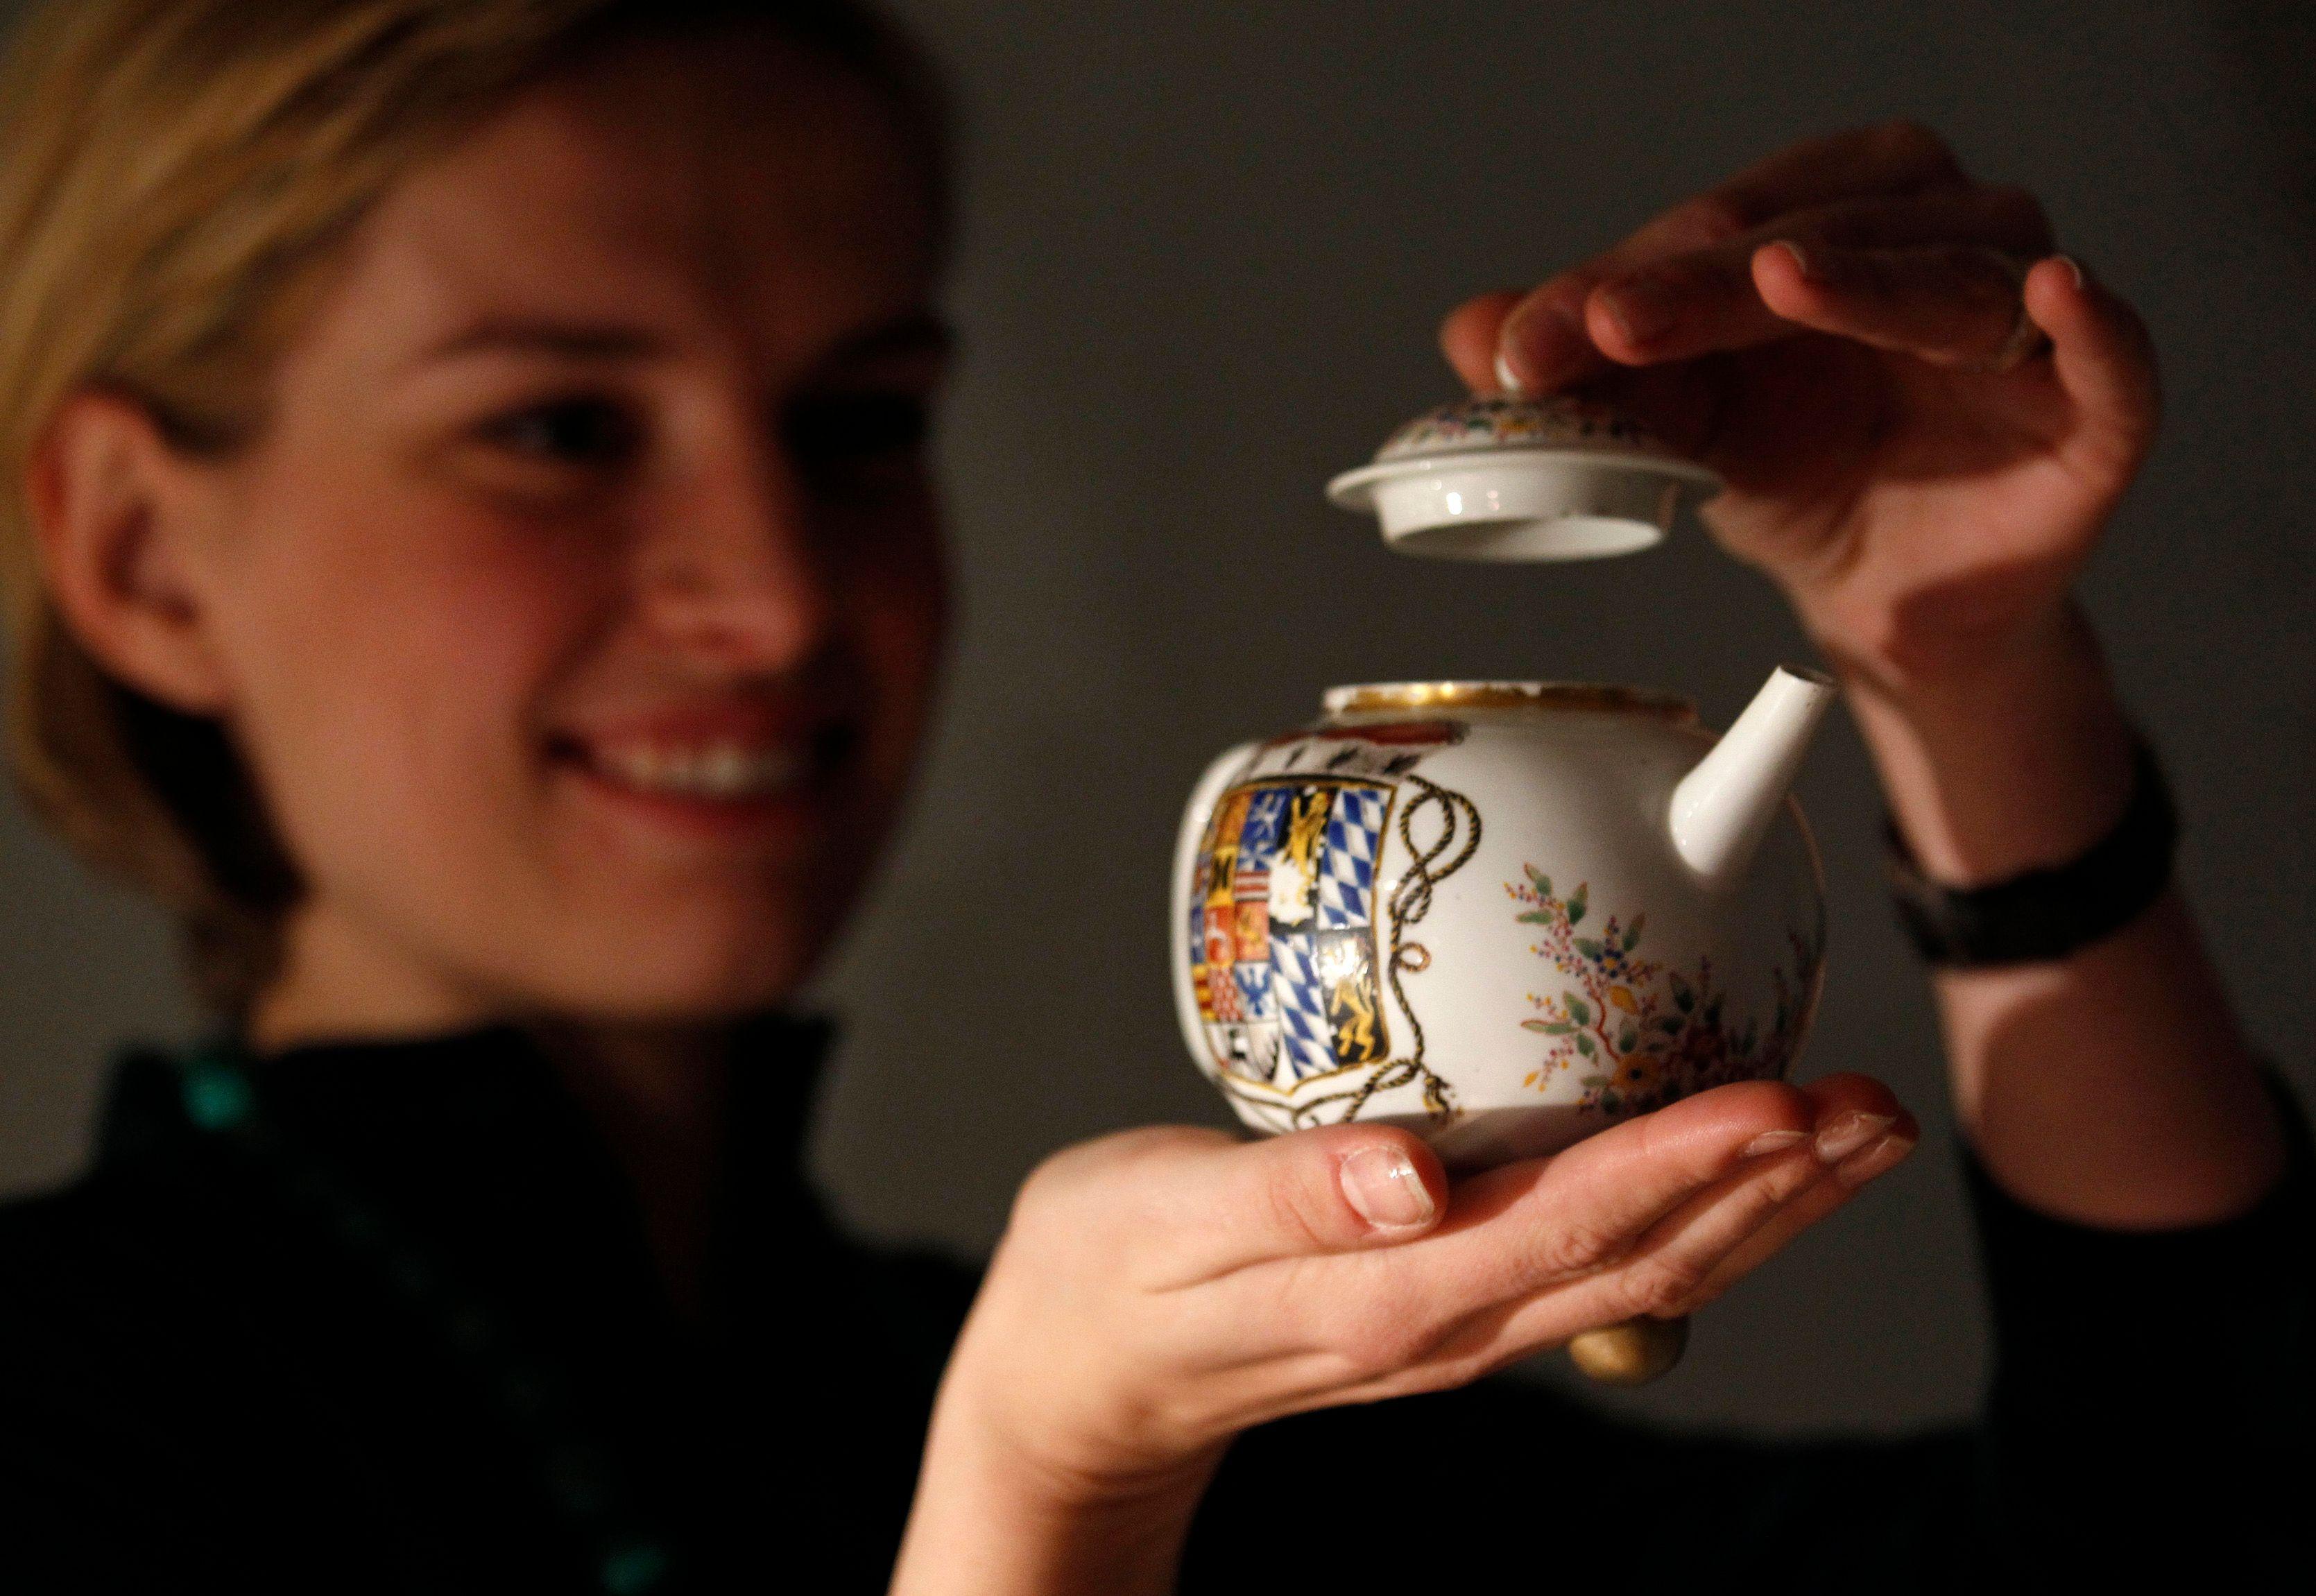 Une femme qui a bu trop de thé a développé une fluorose squelettique.